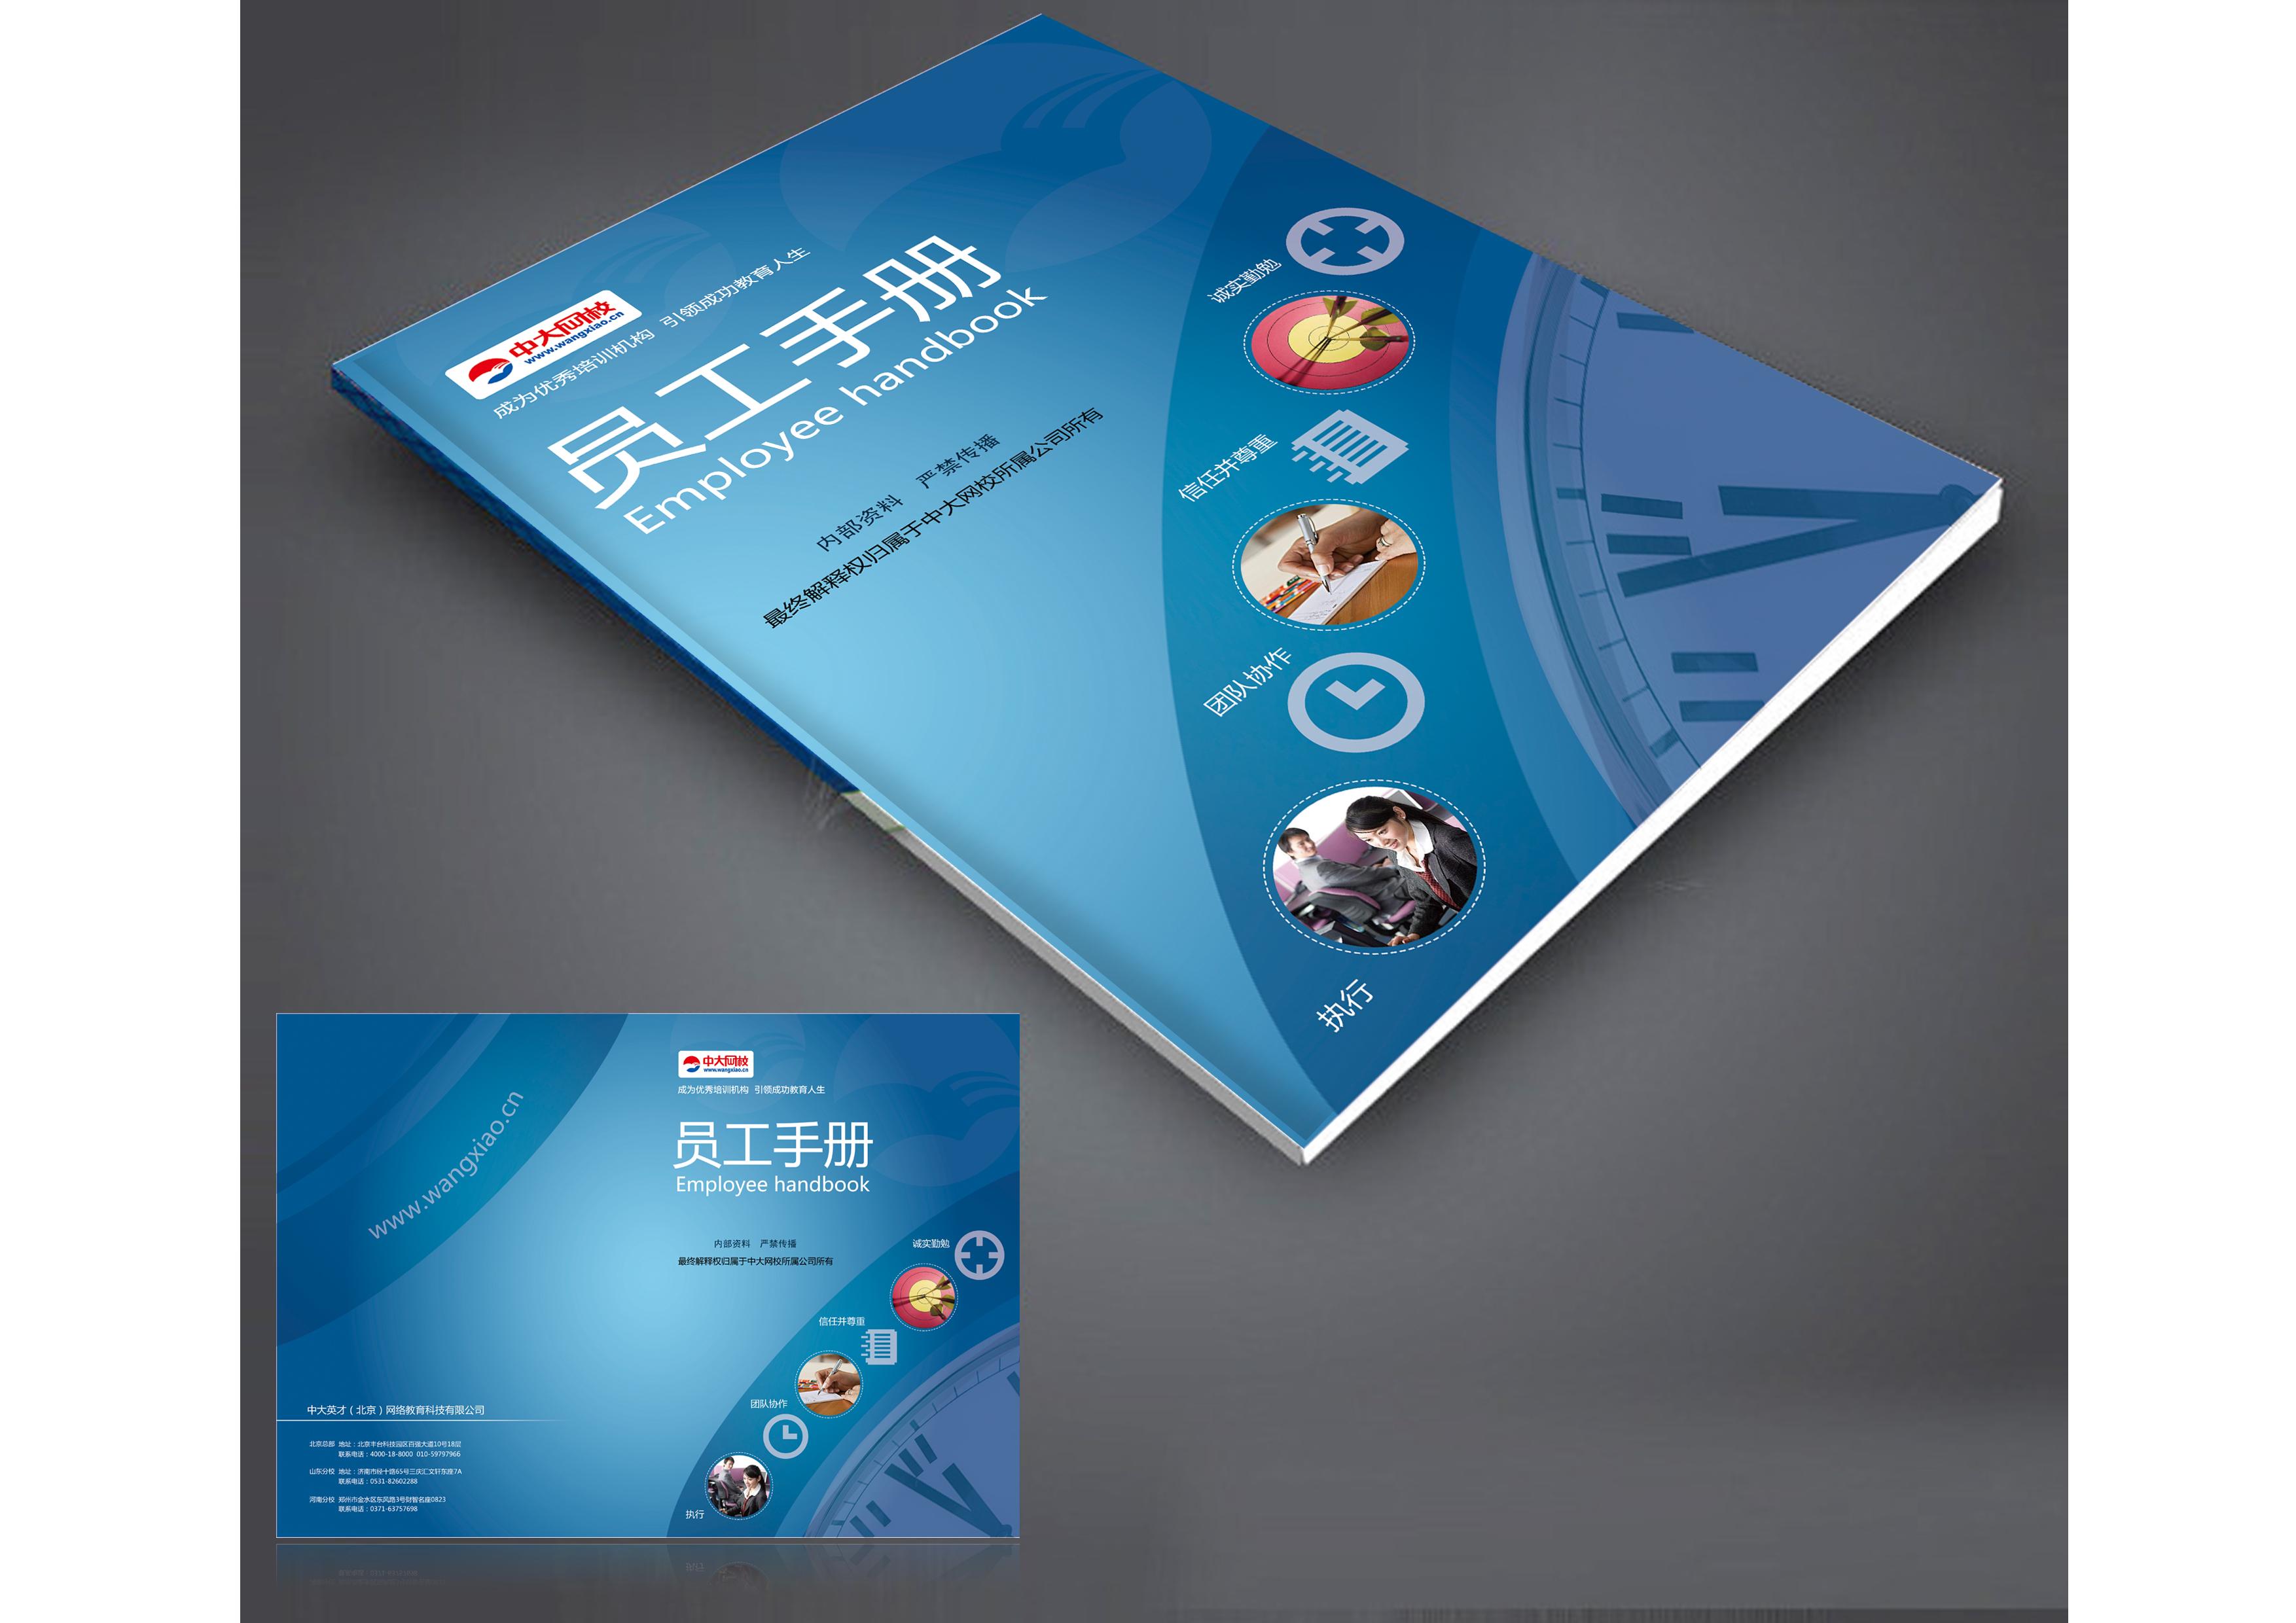 给公司做的员工手册封面图片